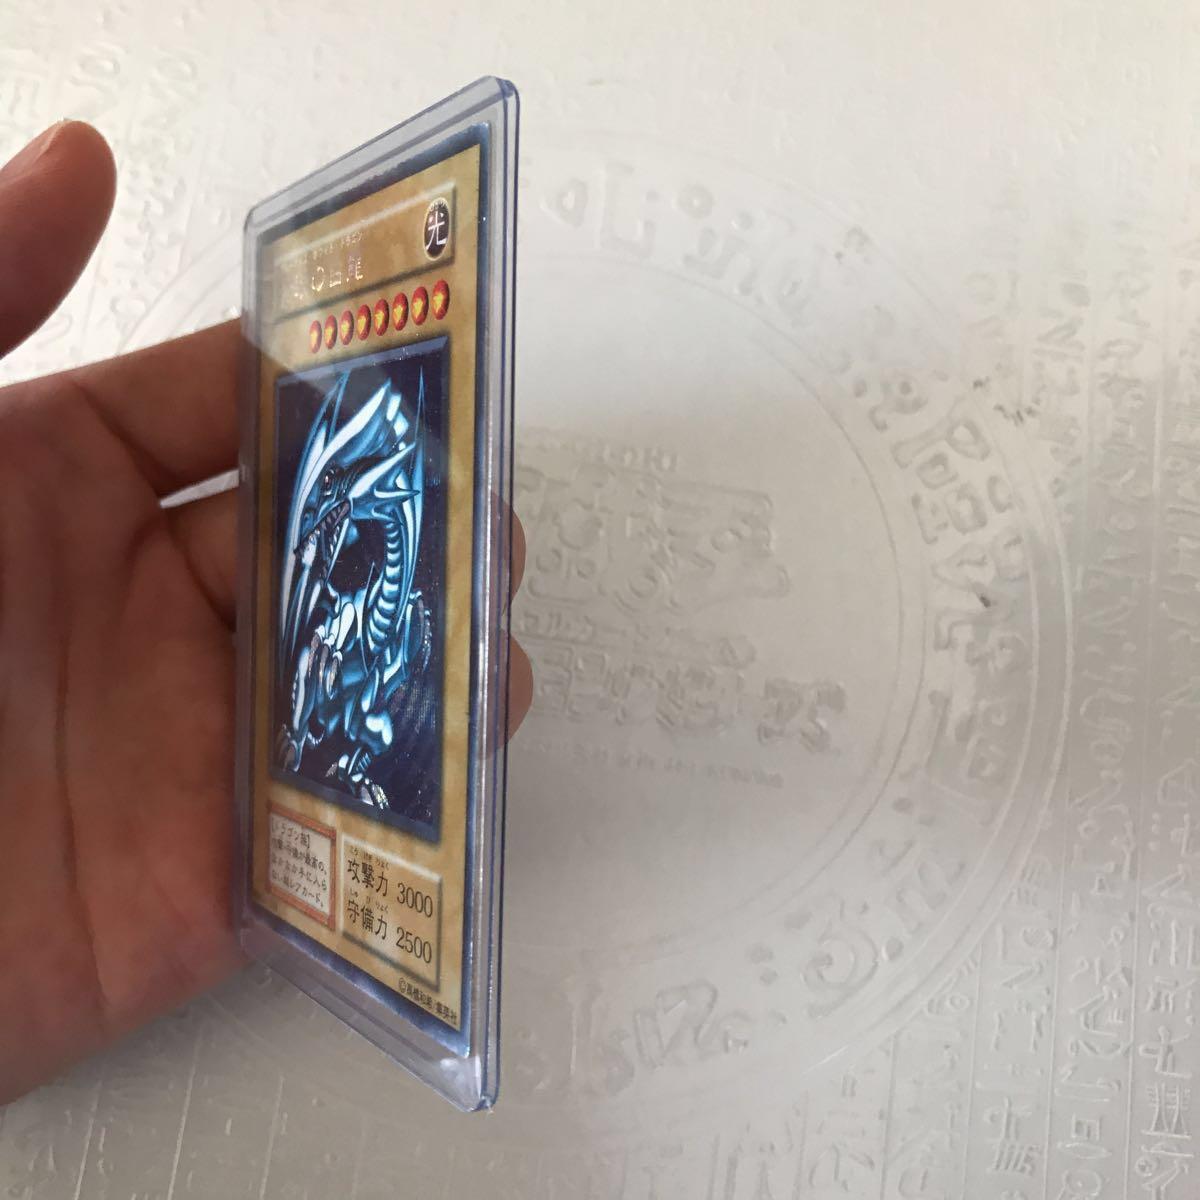 遊戯王 ブルーアイズホワイトドラゴン シークレット 初期 大会参加400人限定カード_画像2